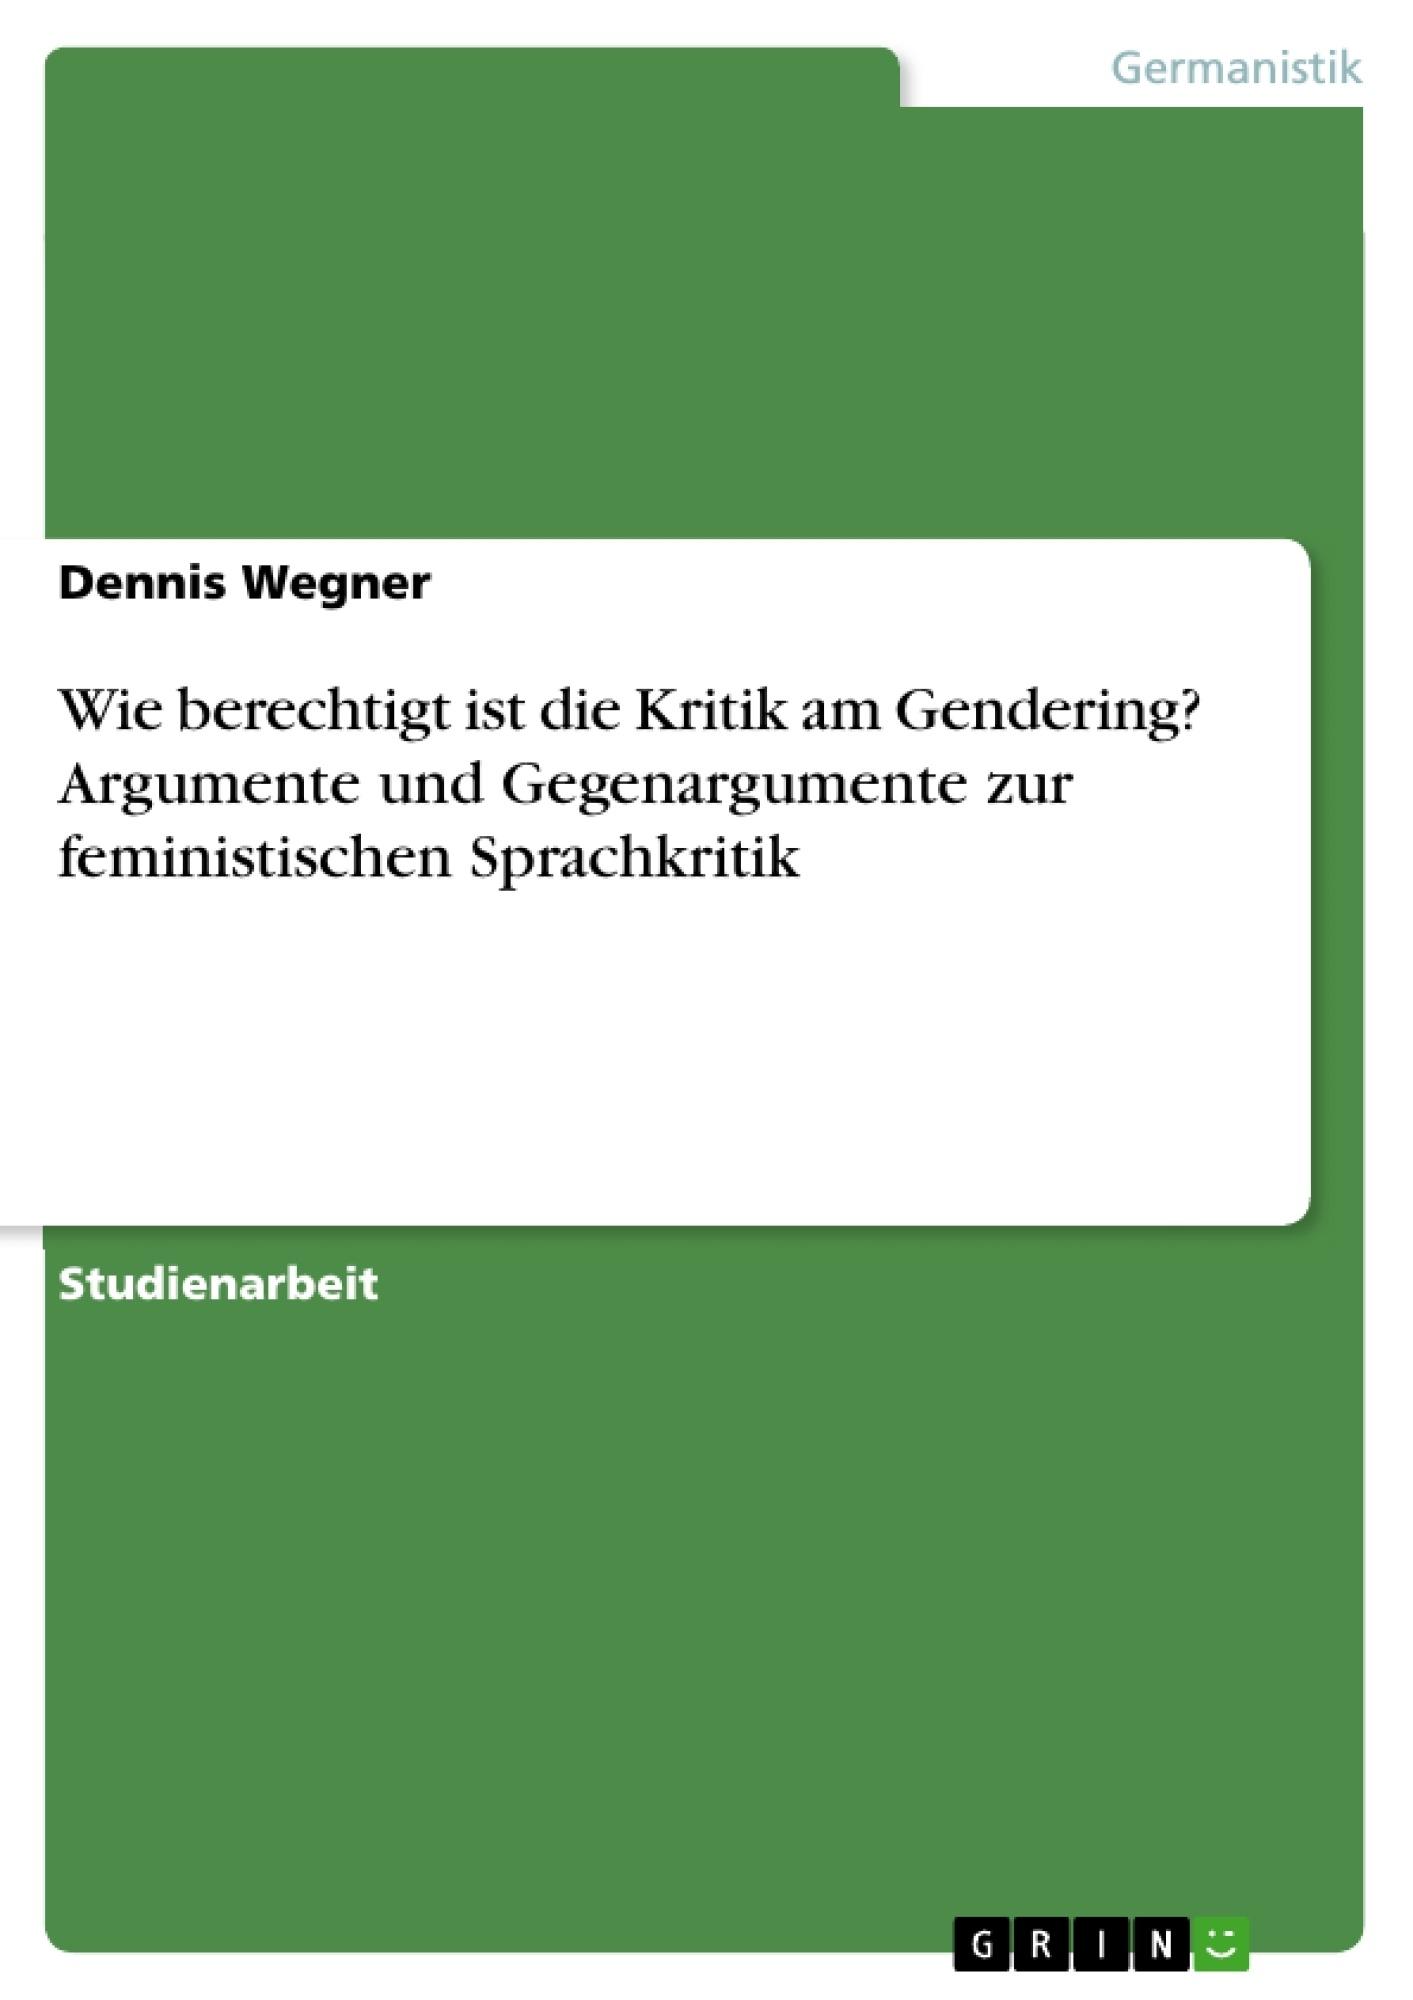 Titel: Wie berechtigt ist die Kritik am Gendering? Argumente und Gegenargumente zur feministischen Sprachkritik